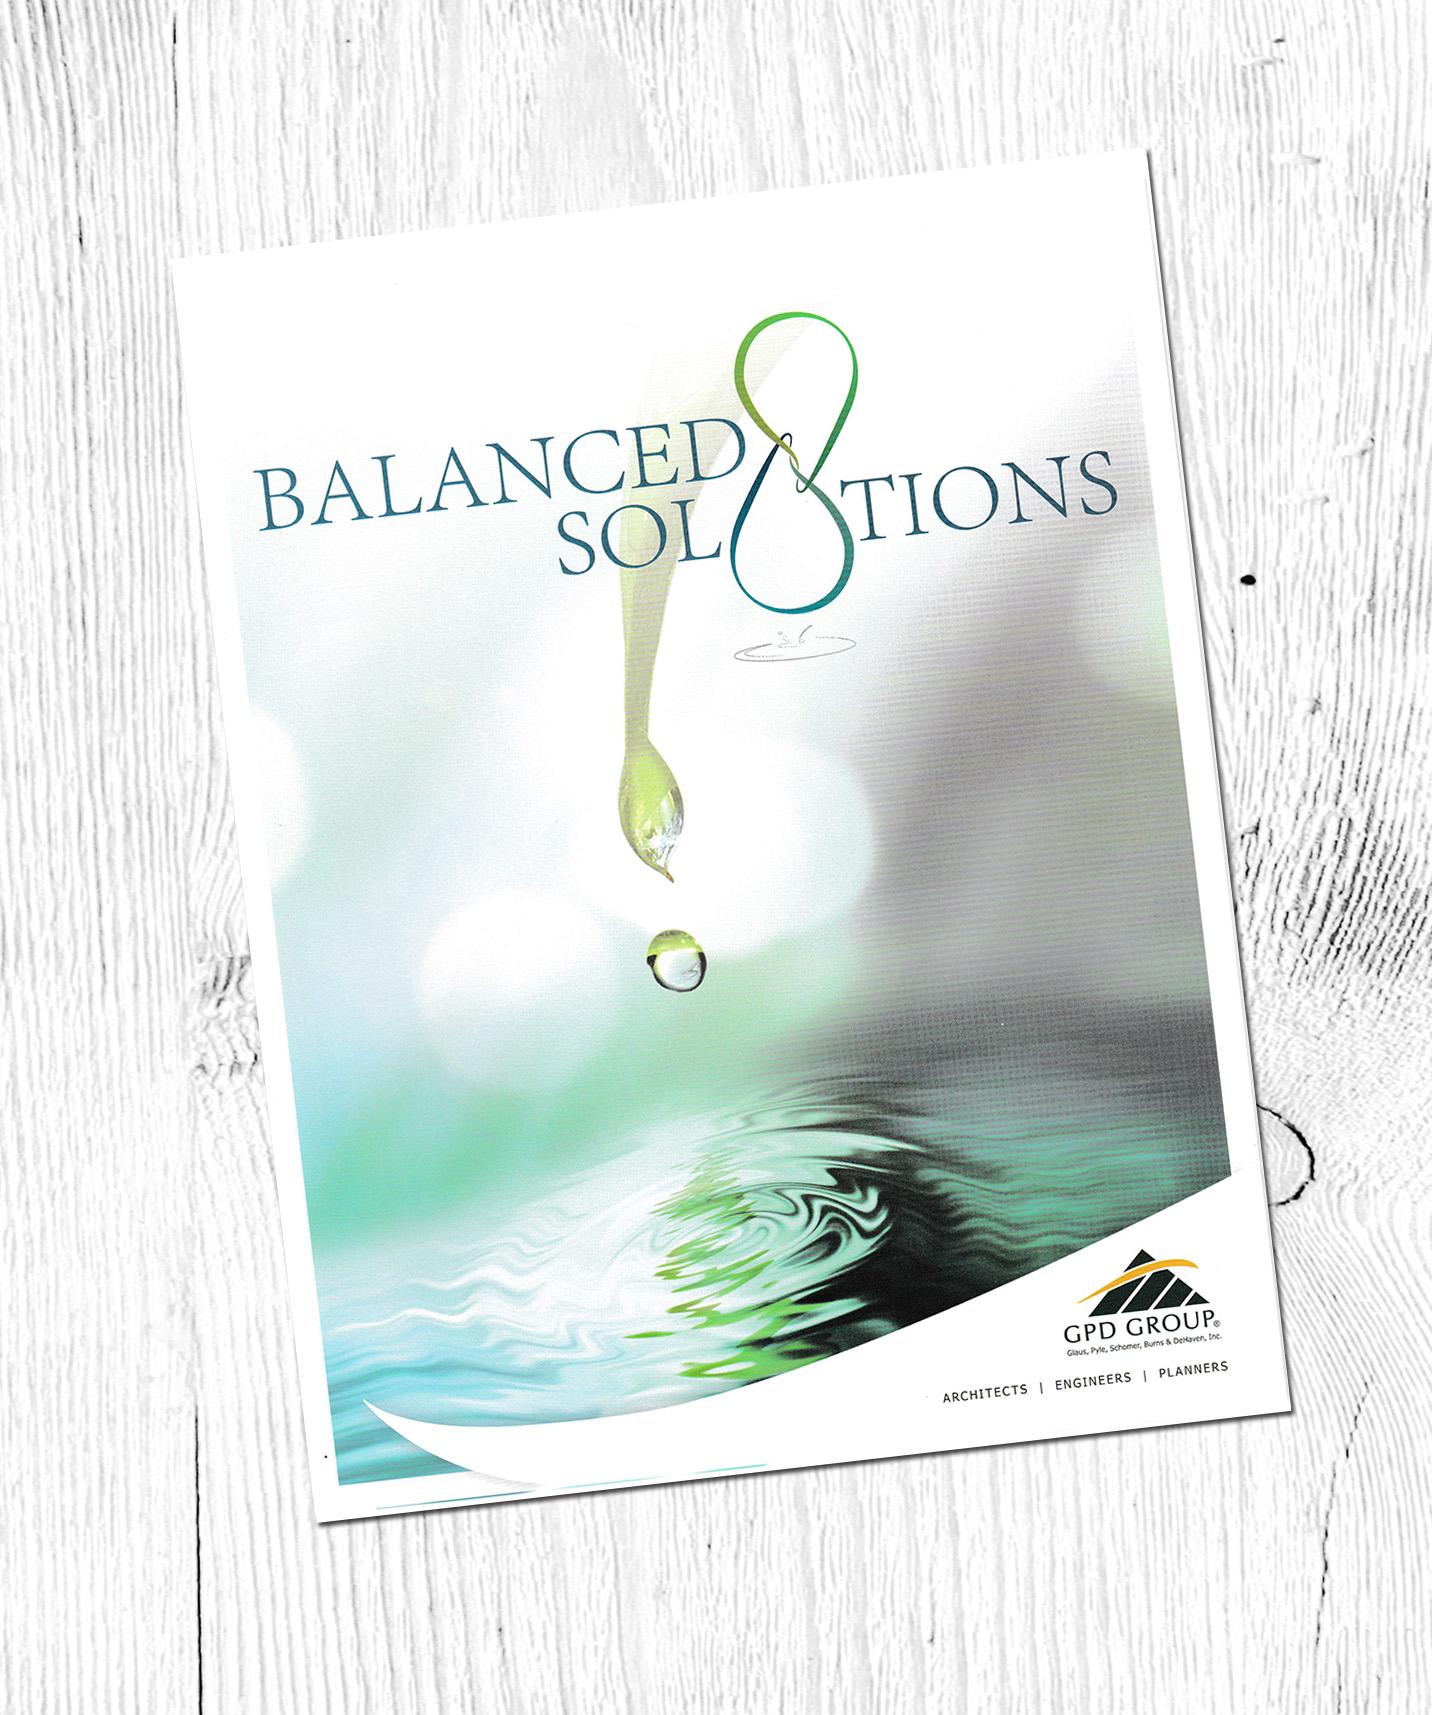 BalancedSolutionsCover